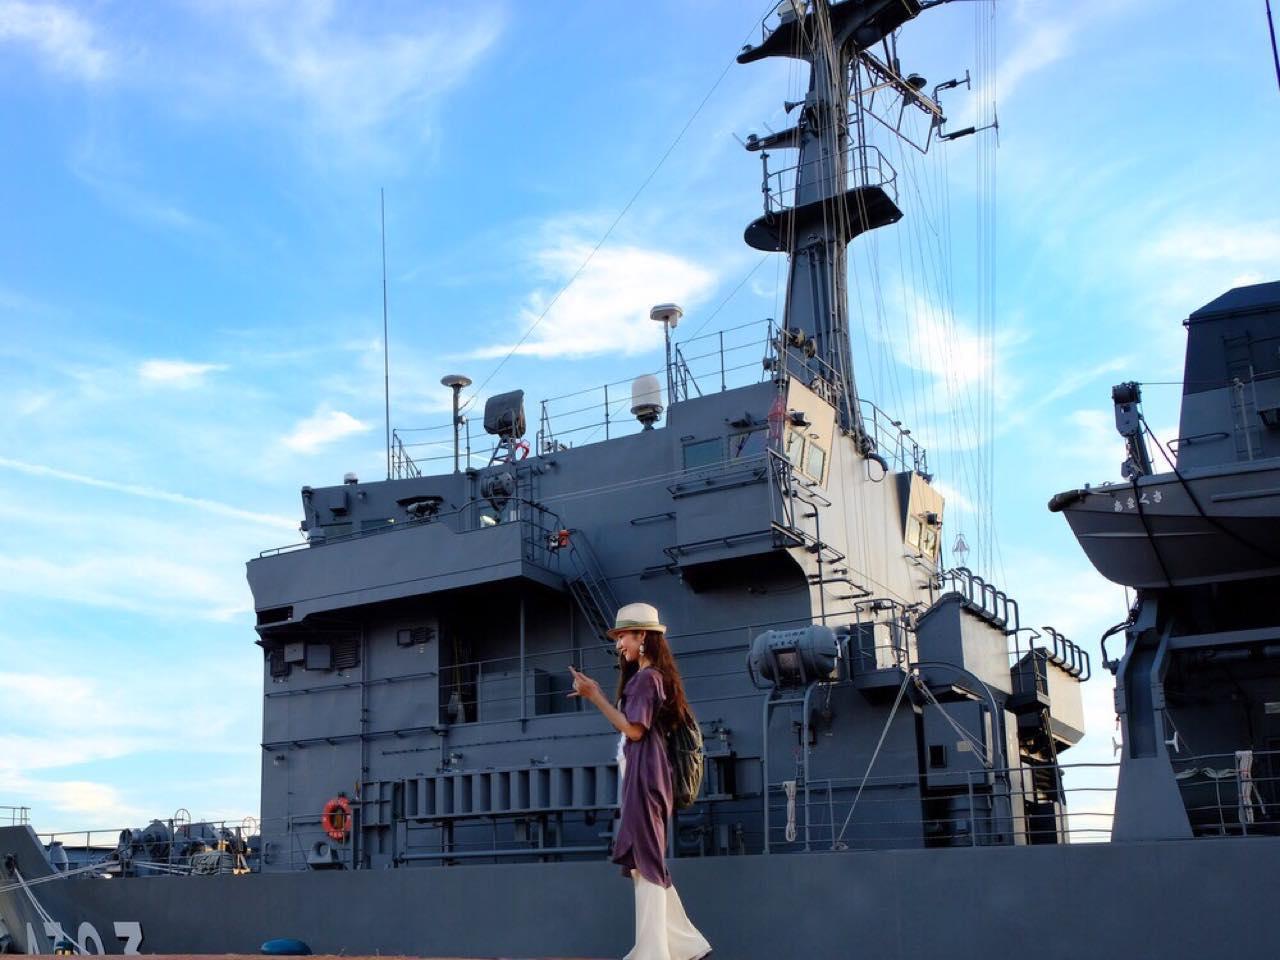 画像: 海上自衛隊「多用途支援船 あまくさ」。日が暮れるとライトが点灯しラッパが鳴り響きます。